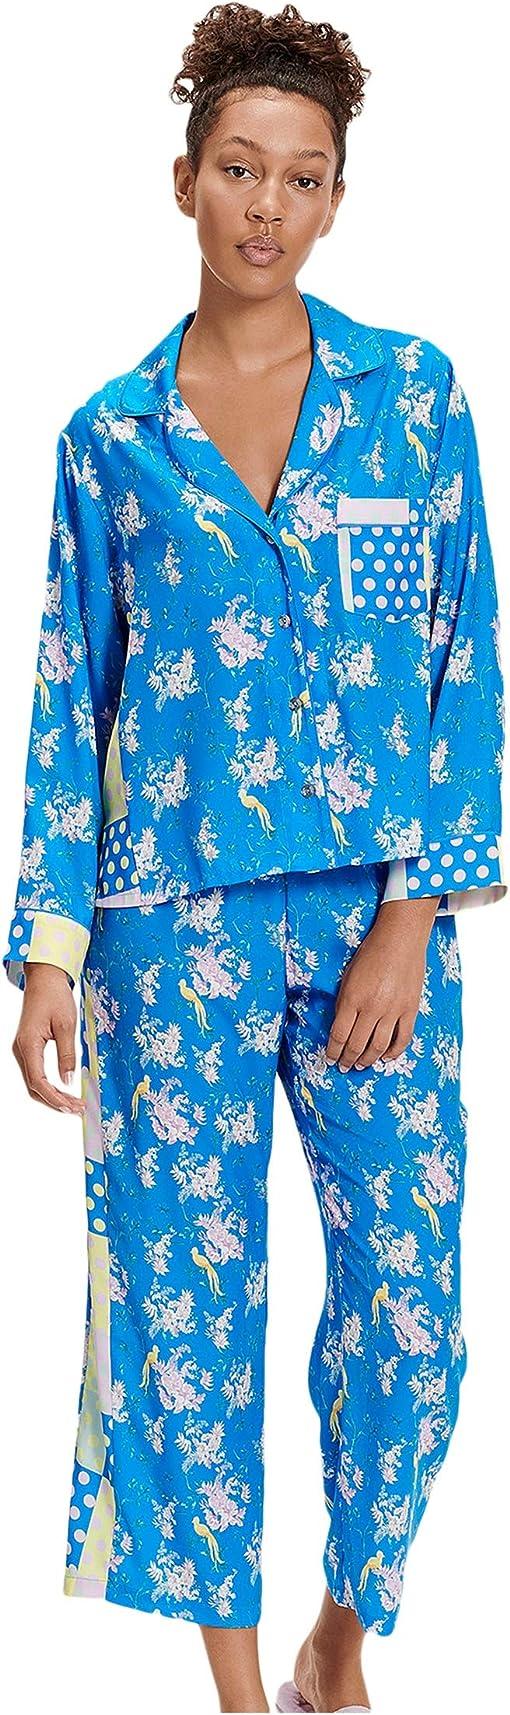 Blue Aster Floral